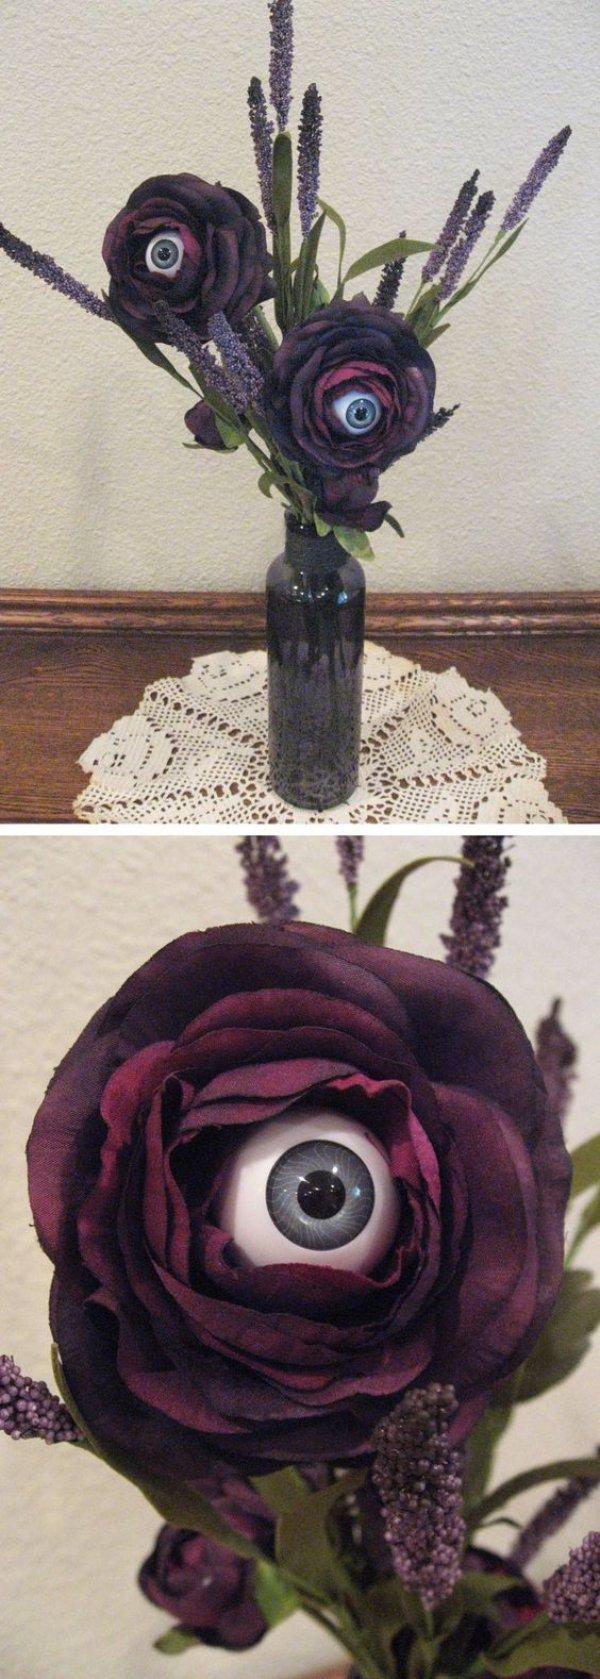 Eyeball flower vase for Halloween.